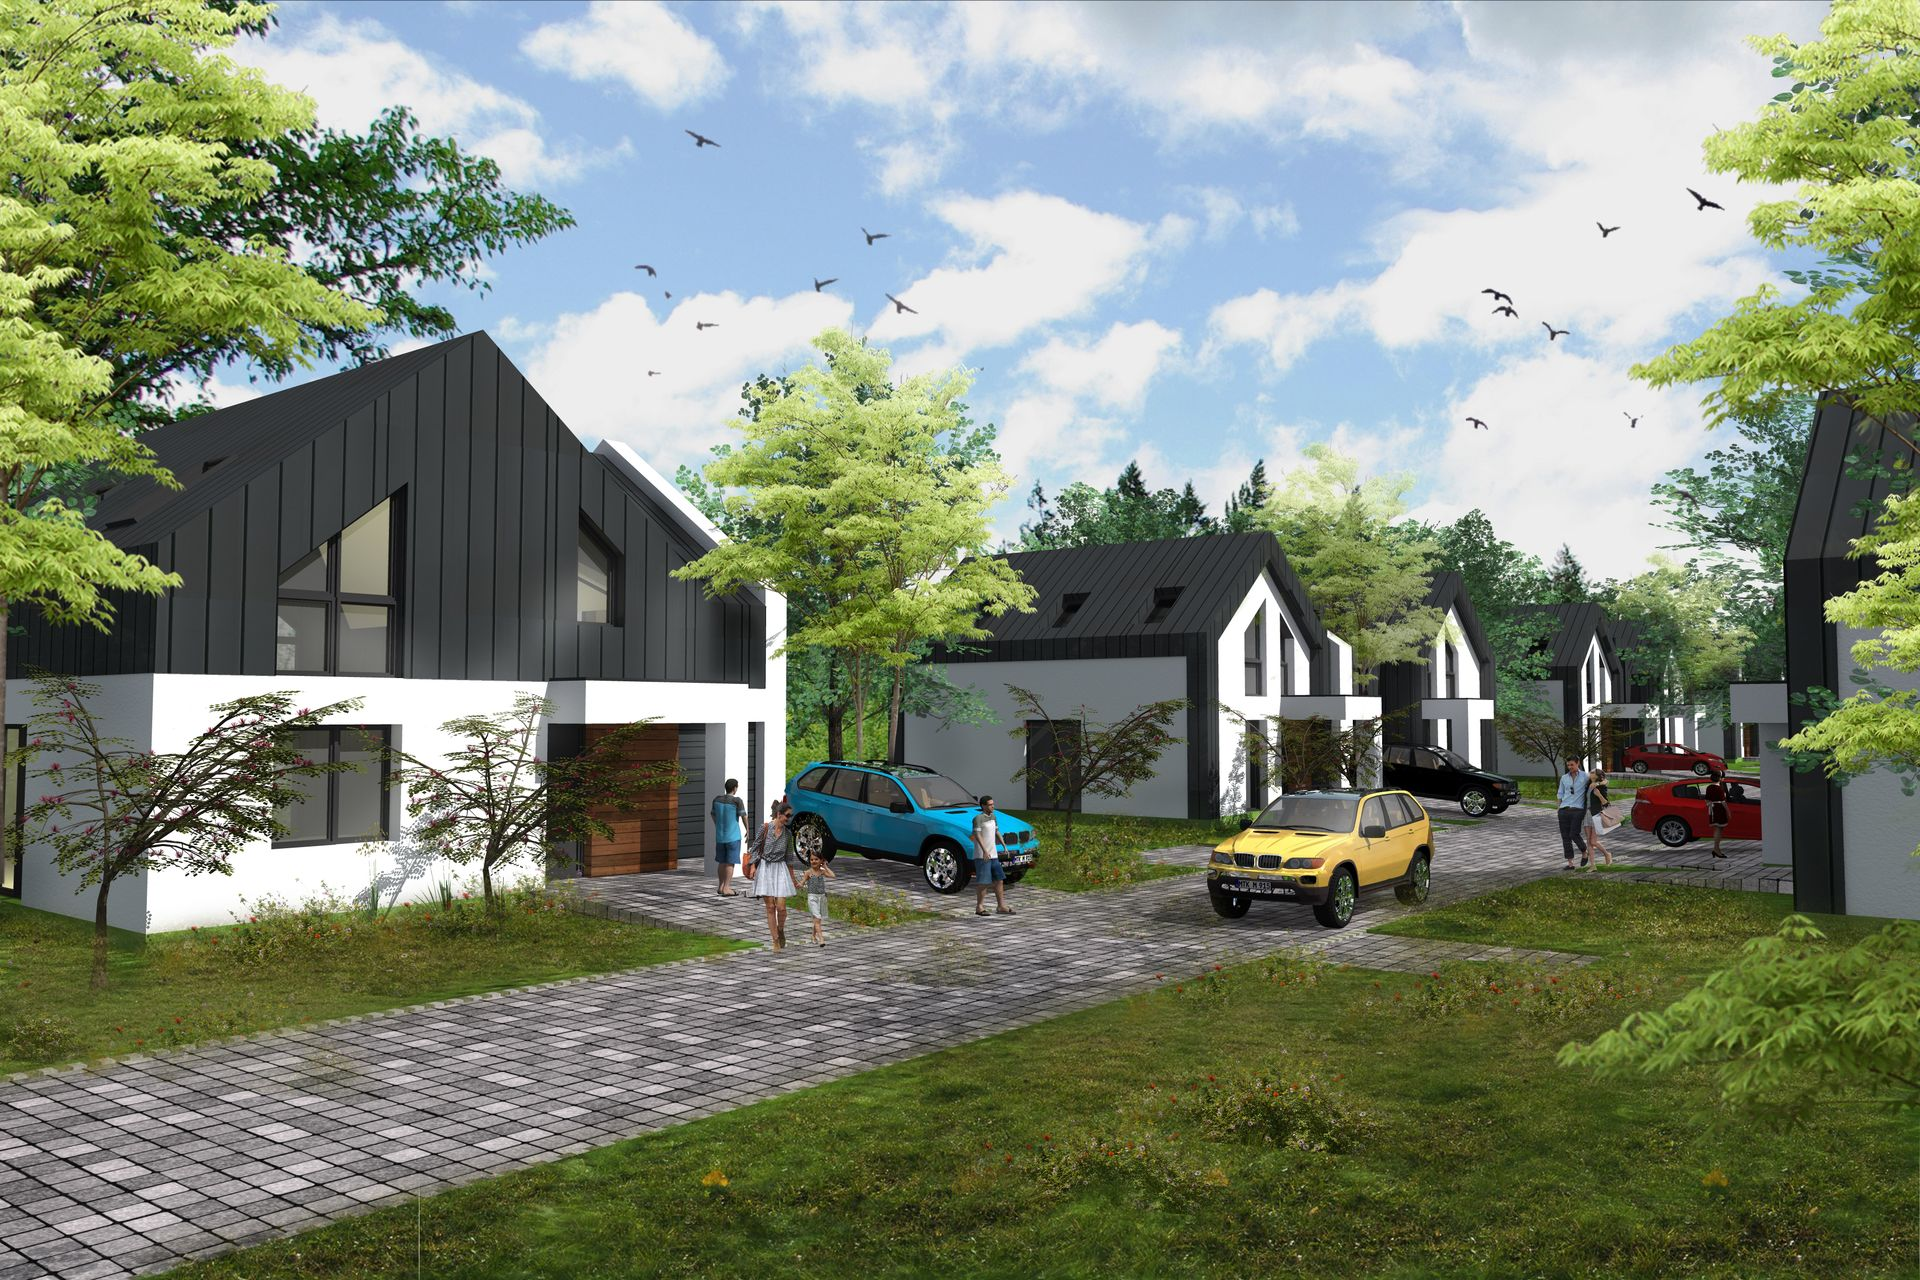 Warszawa: Rozmarynu – HDK Invest stawia energooszczędne domy w Wawrze